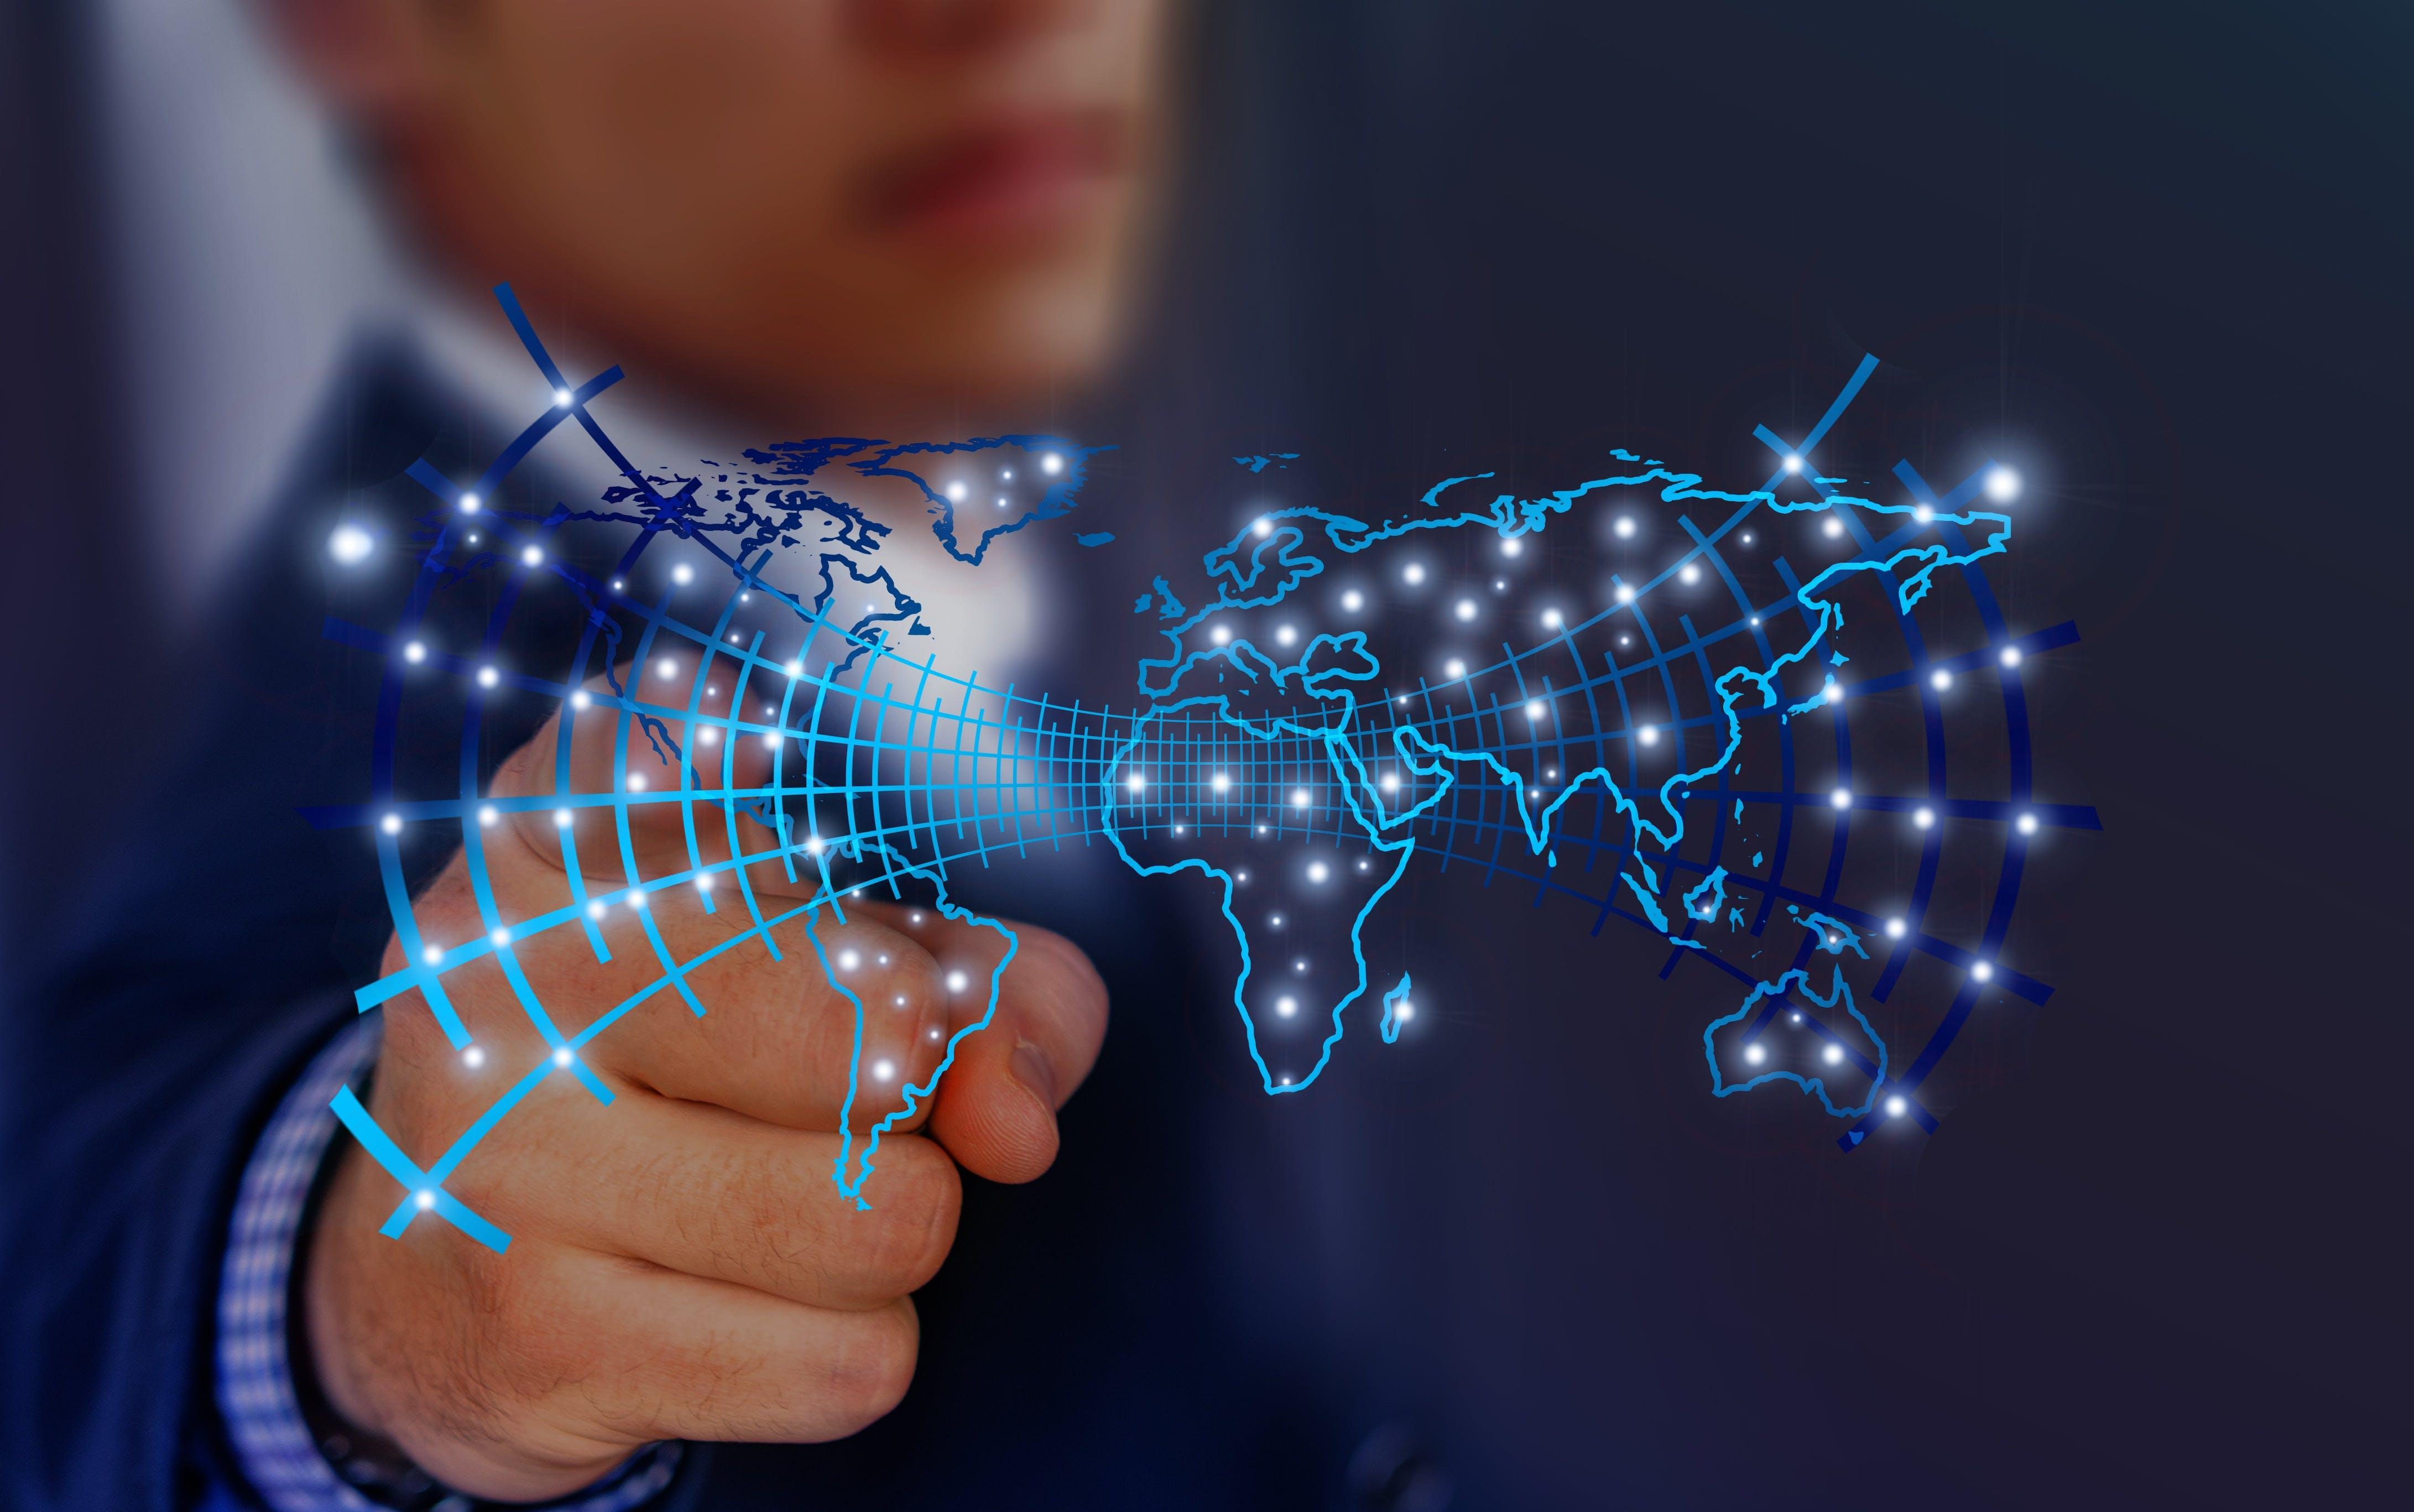 Titelbild-Künstliche-Intelligenz-Online-Kurs-Vernetzung-digitale-Welt-Weltkarte-pixabay-3435575-geralt